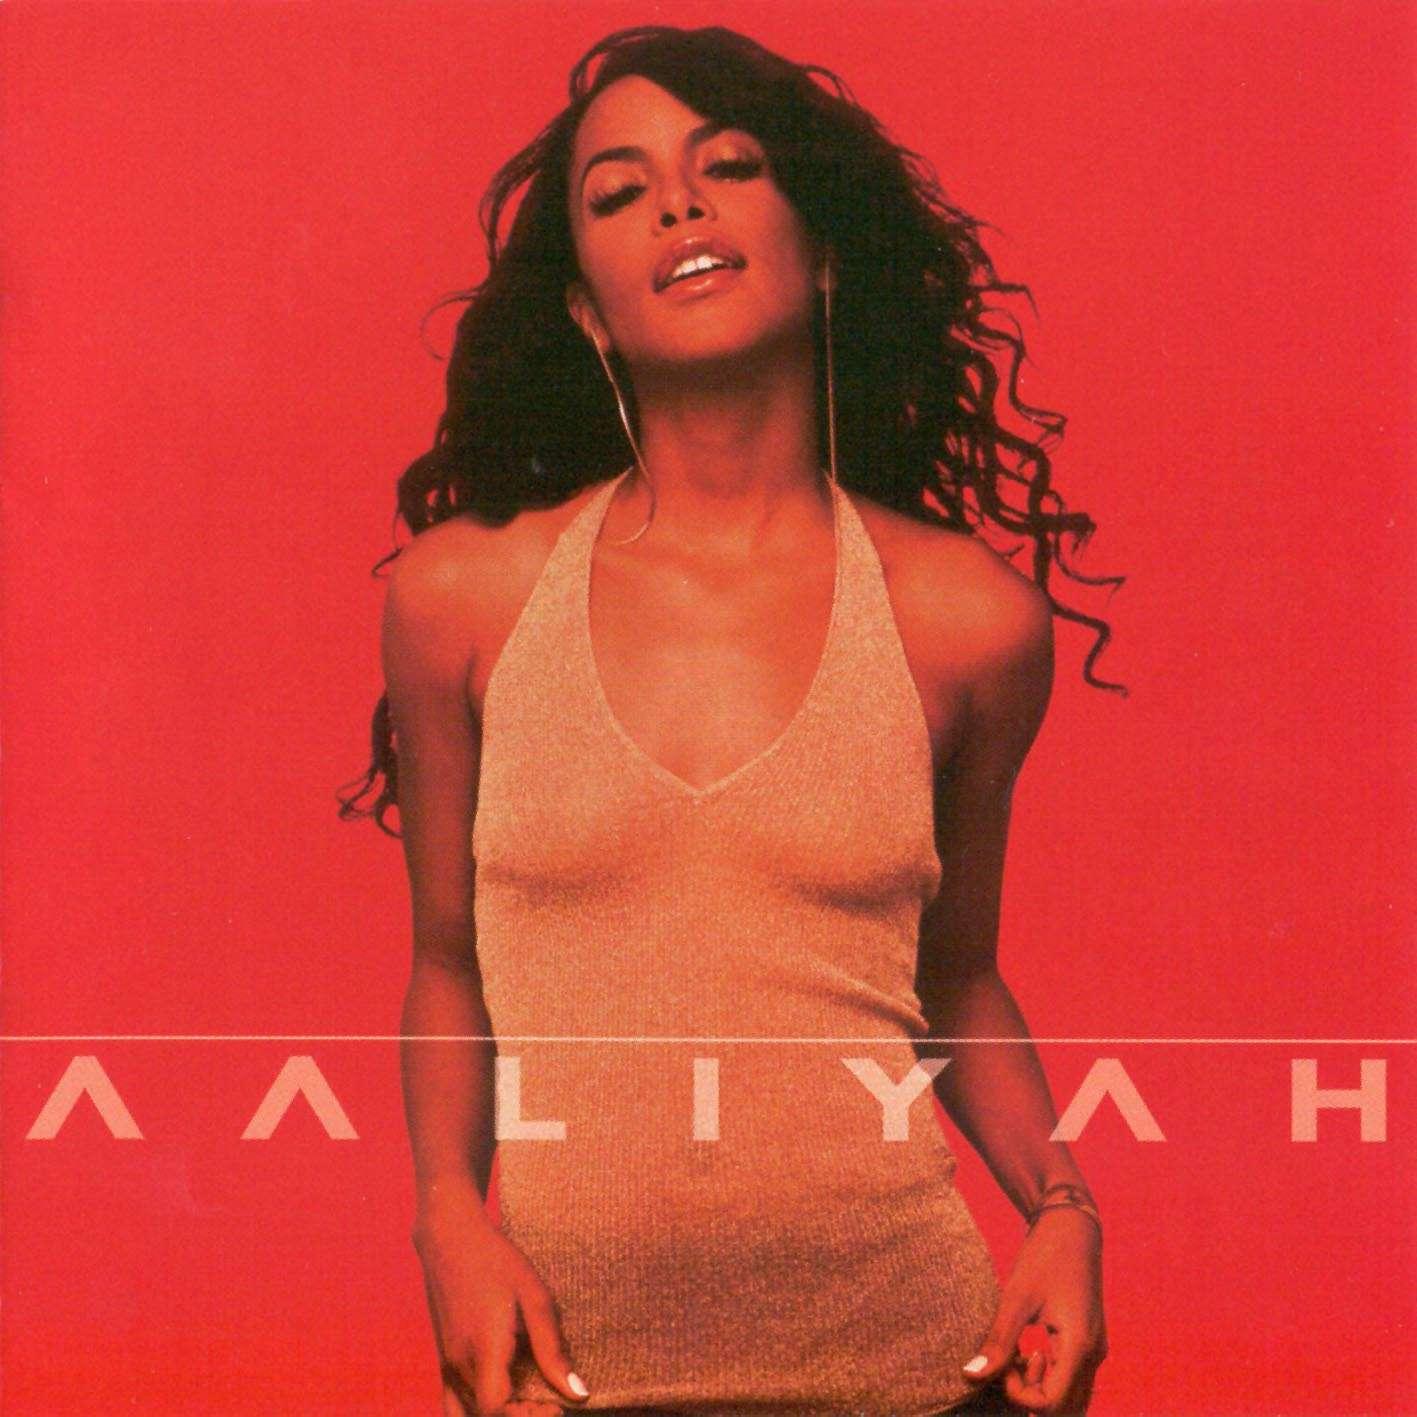 http://2.bp.blogspot.com/-gB2Yig05Gpo/UIQW-DE5KBI/AAAAAAAAAIA/j-No28g_LfU/s1600/Aaliyah-Aaliyah-Frontal.jpg